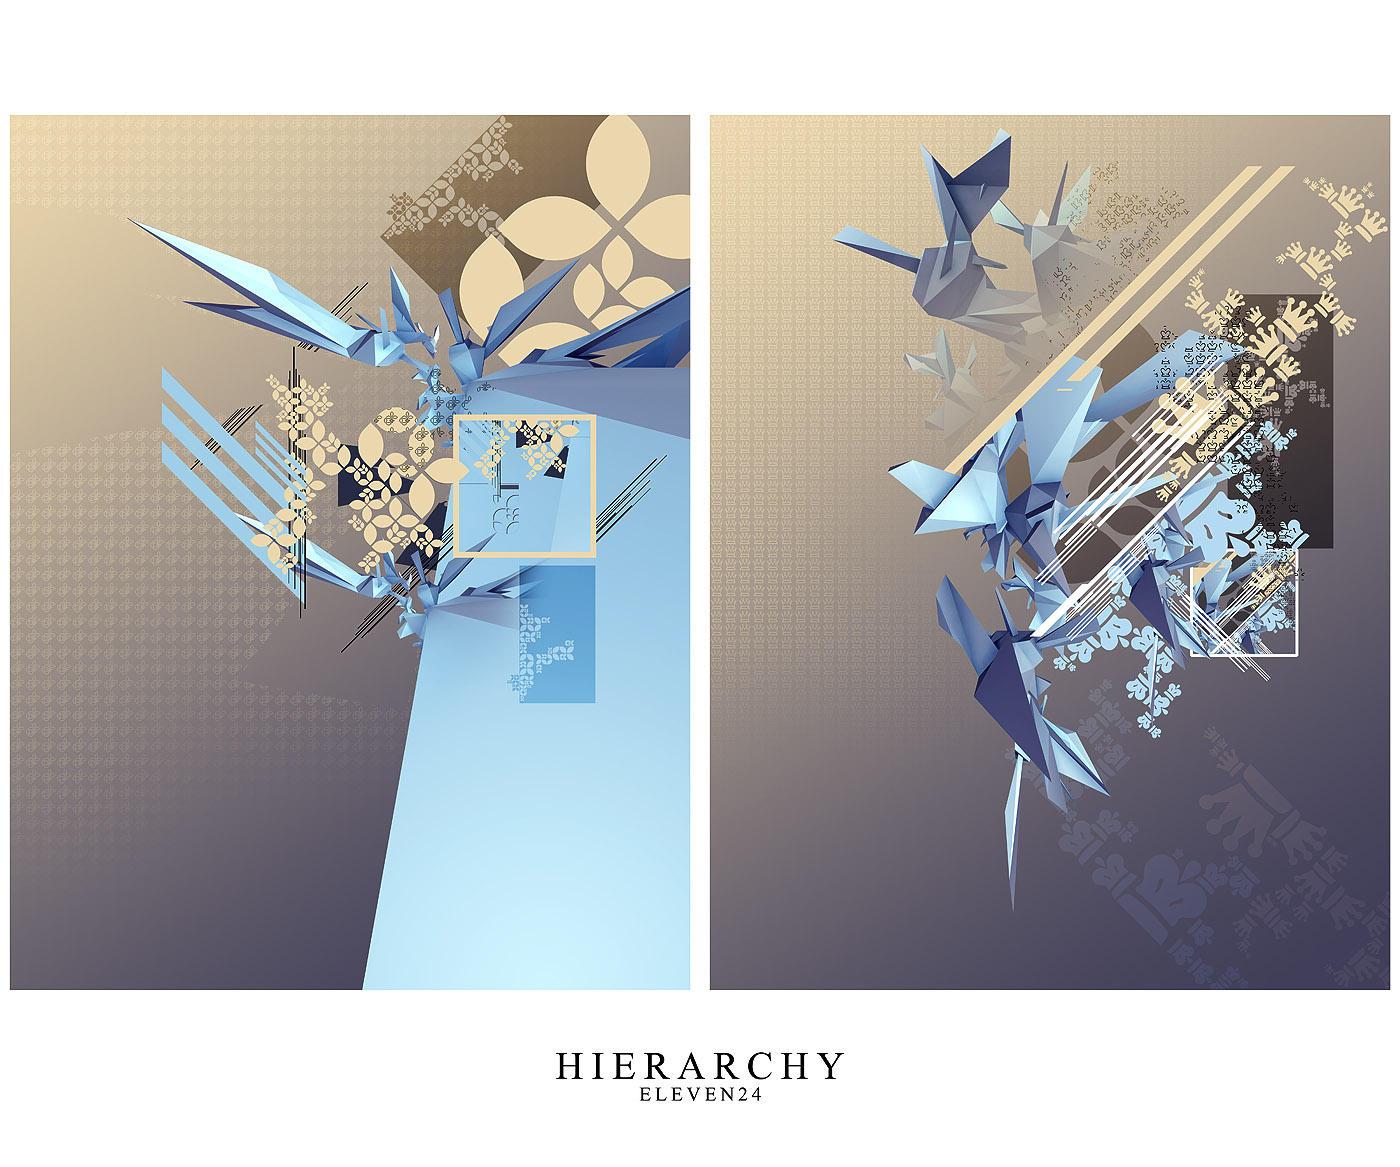 Hierarchy by eleven24